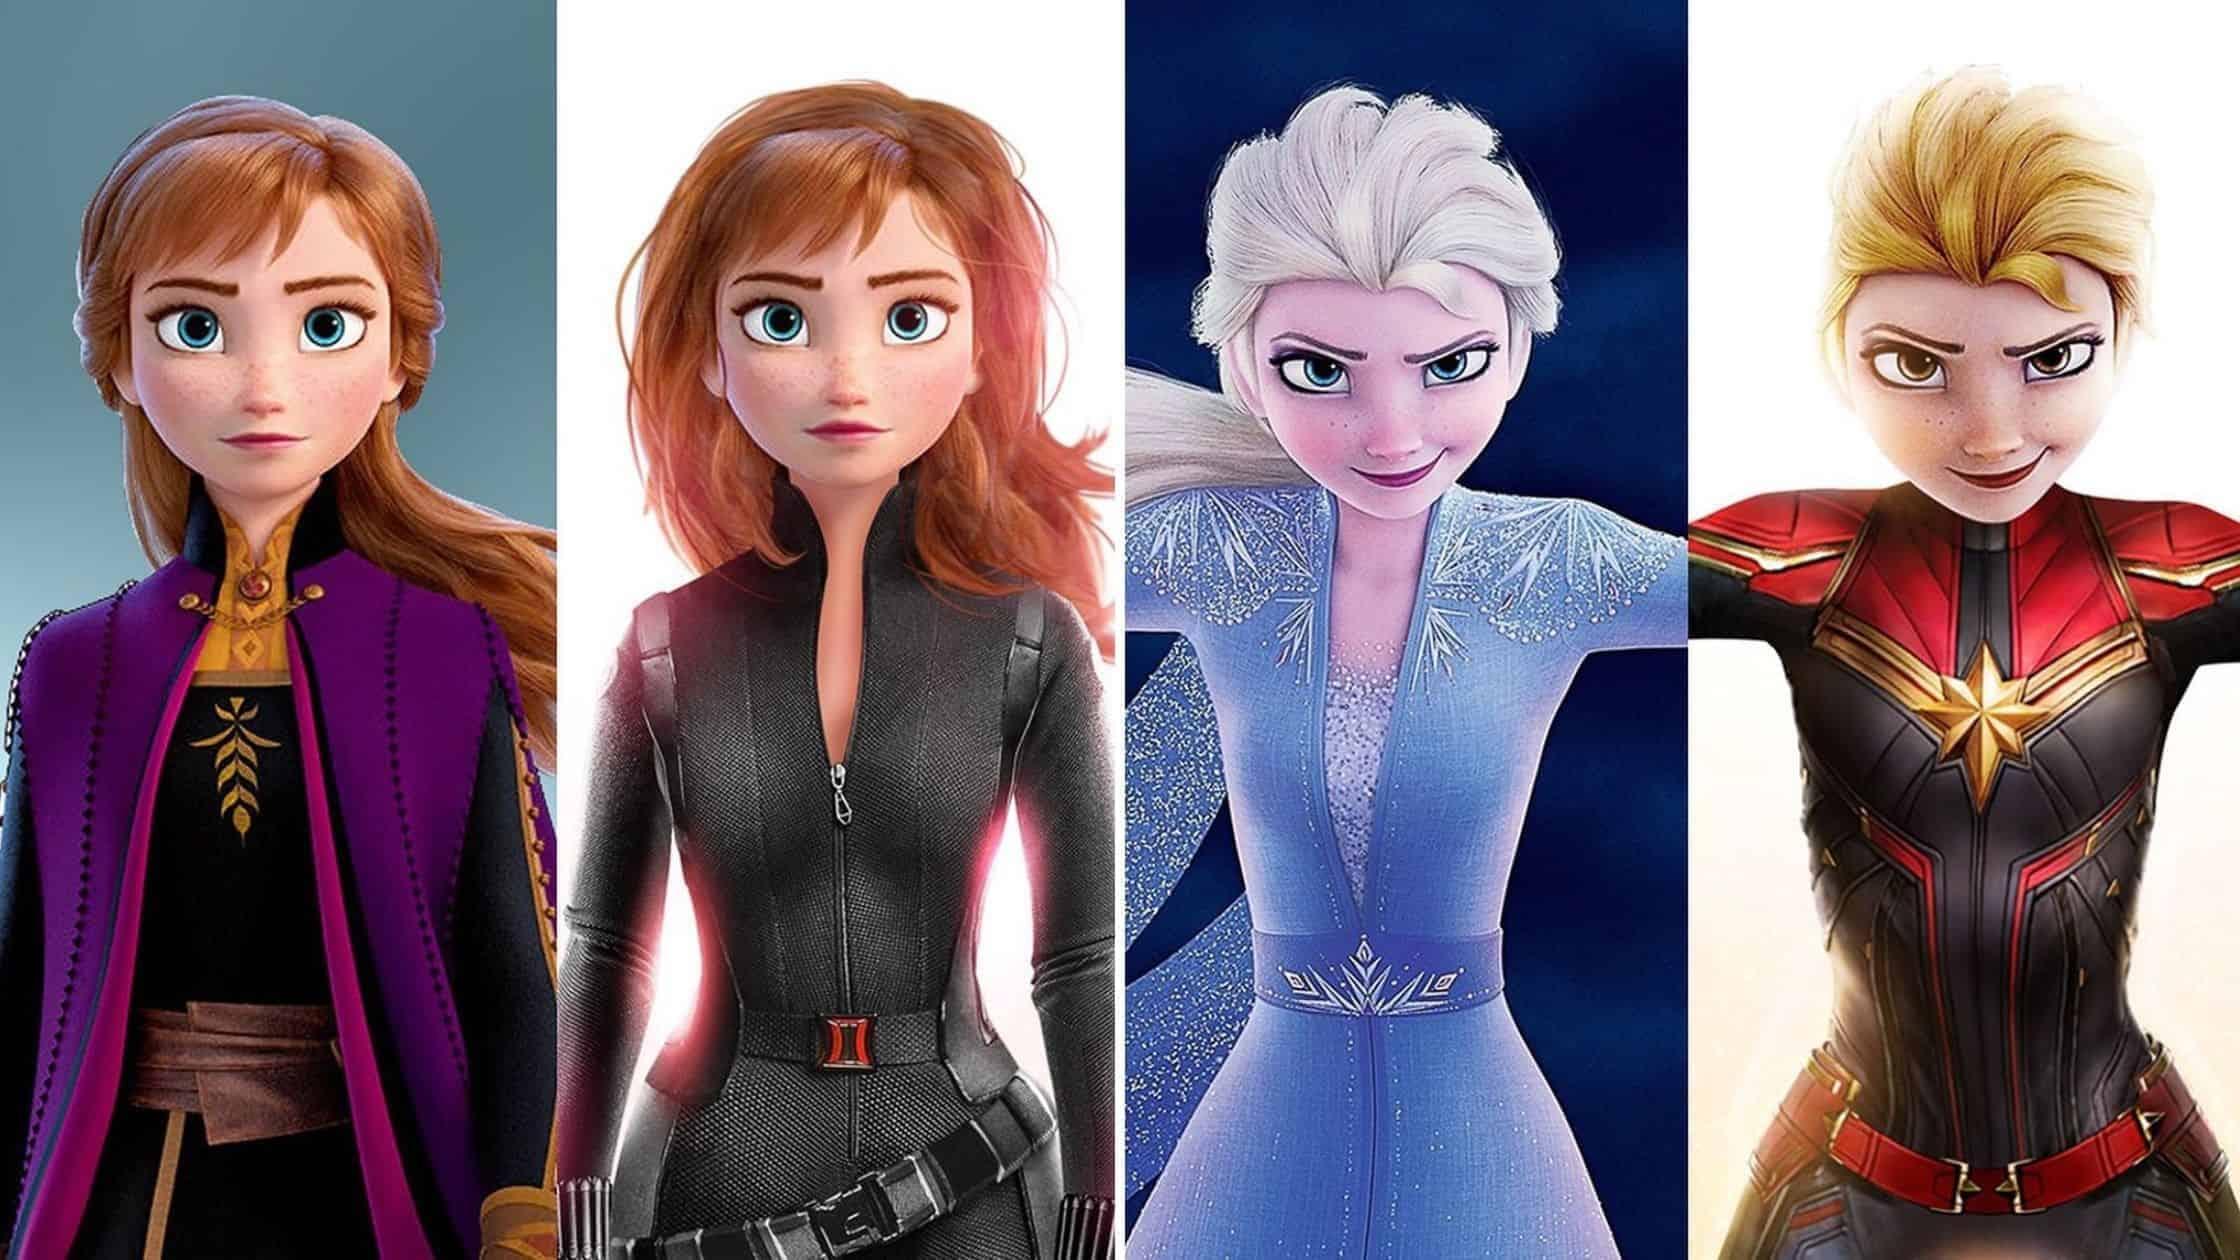 Un artista francés reimagina a diferentes personajes de Disney como superhéroes